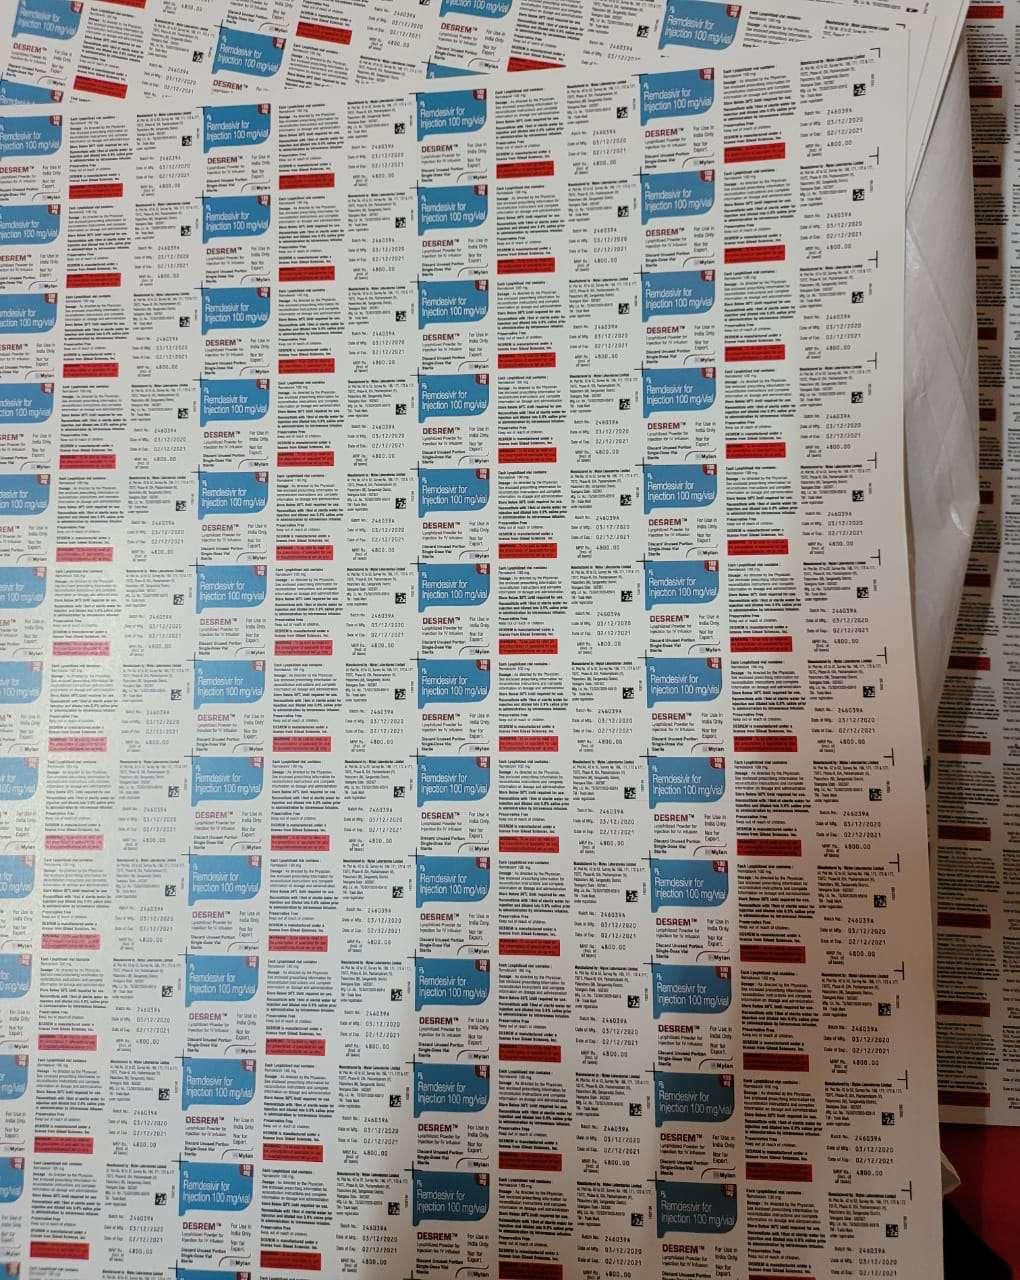 ALERT : सूरत में भी पिंजरत में बने 134 नकली रेमडेसिवीर इंजेक्शन बेचे